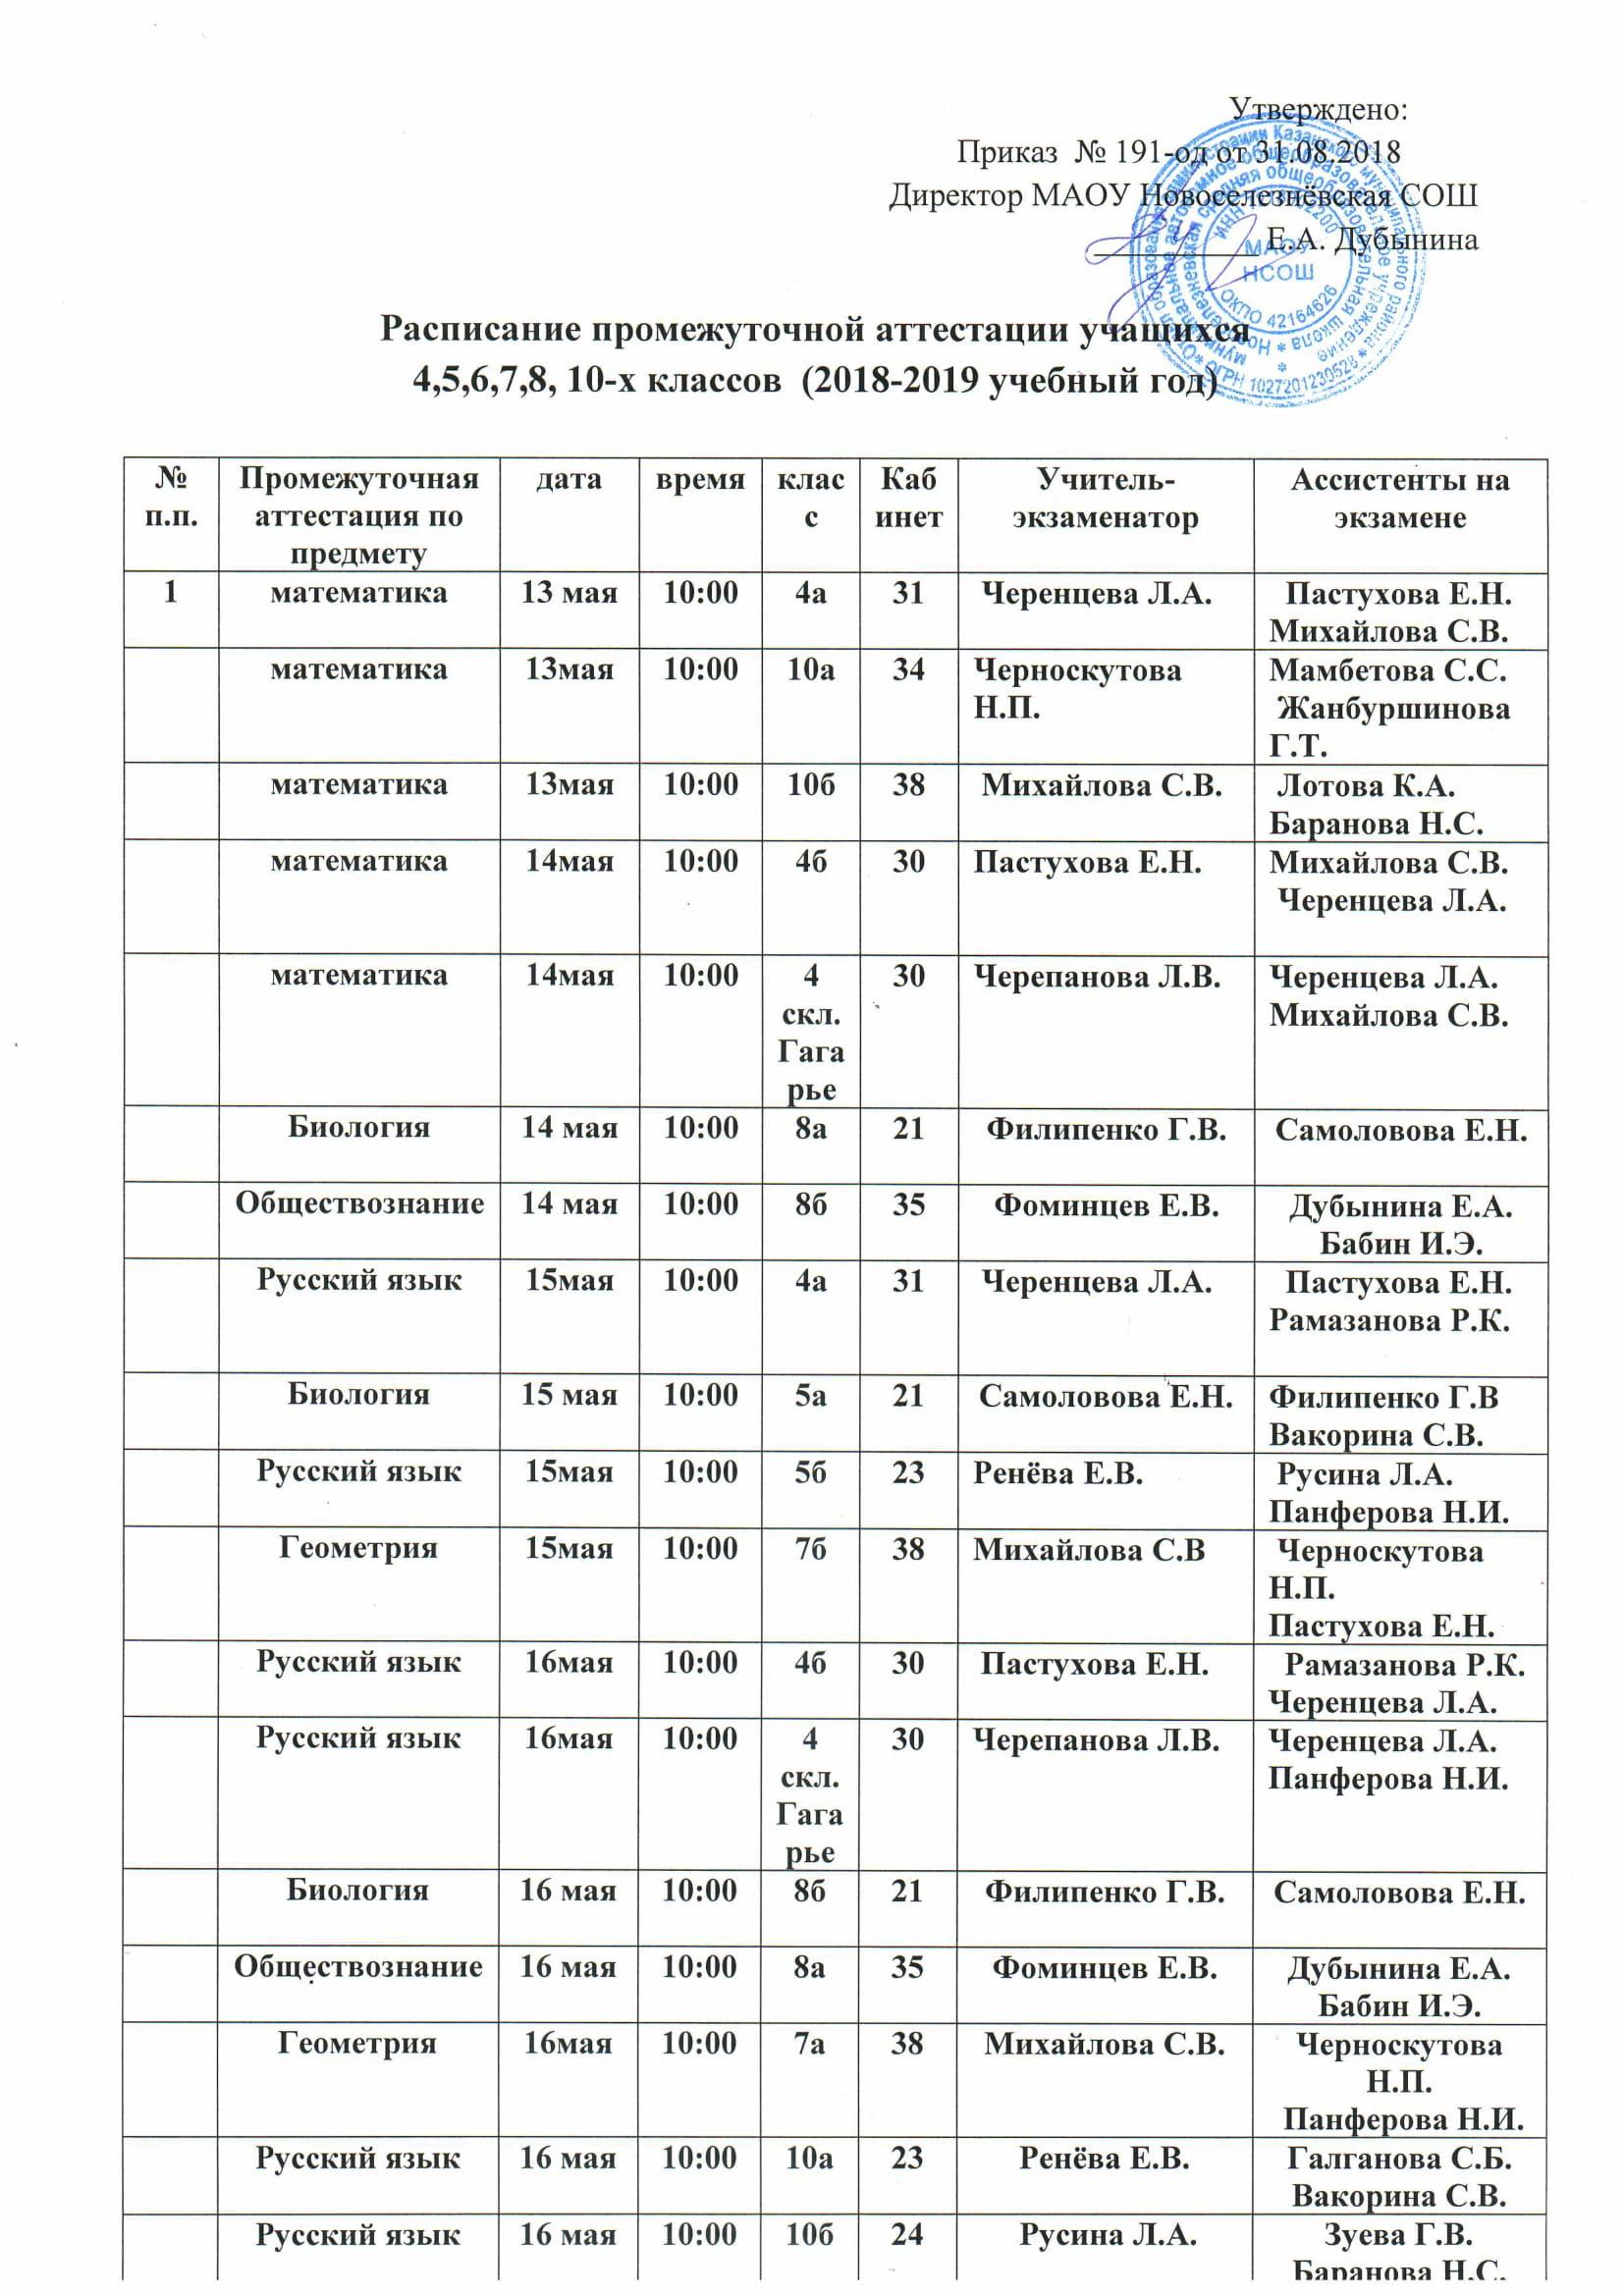 Расписание промежуточной аттестации 2018 2019 уч.год. 1